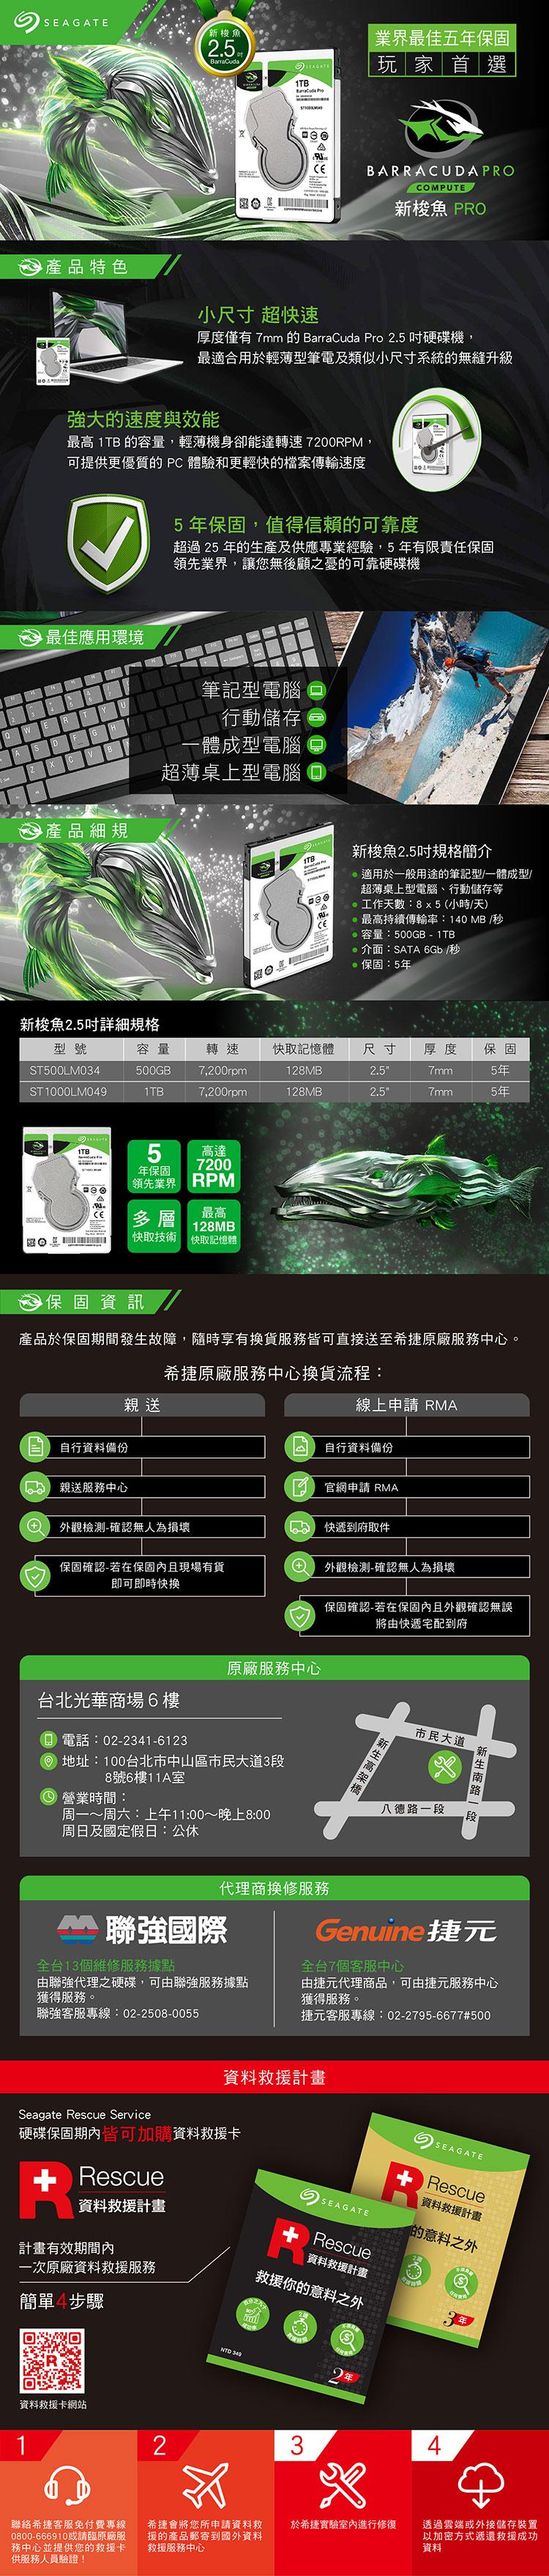 【鴻霖-硬碟】Seagate新梭魚BarraCuda Pro 1TB 2.5吋 7200轉 (ST1000LM049)